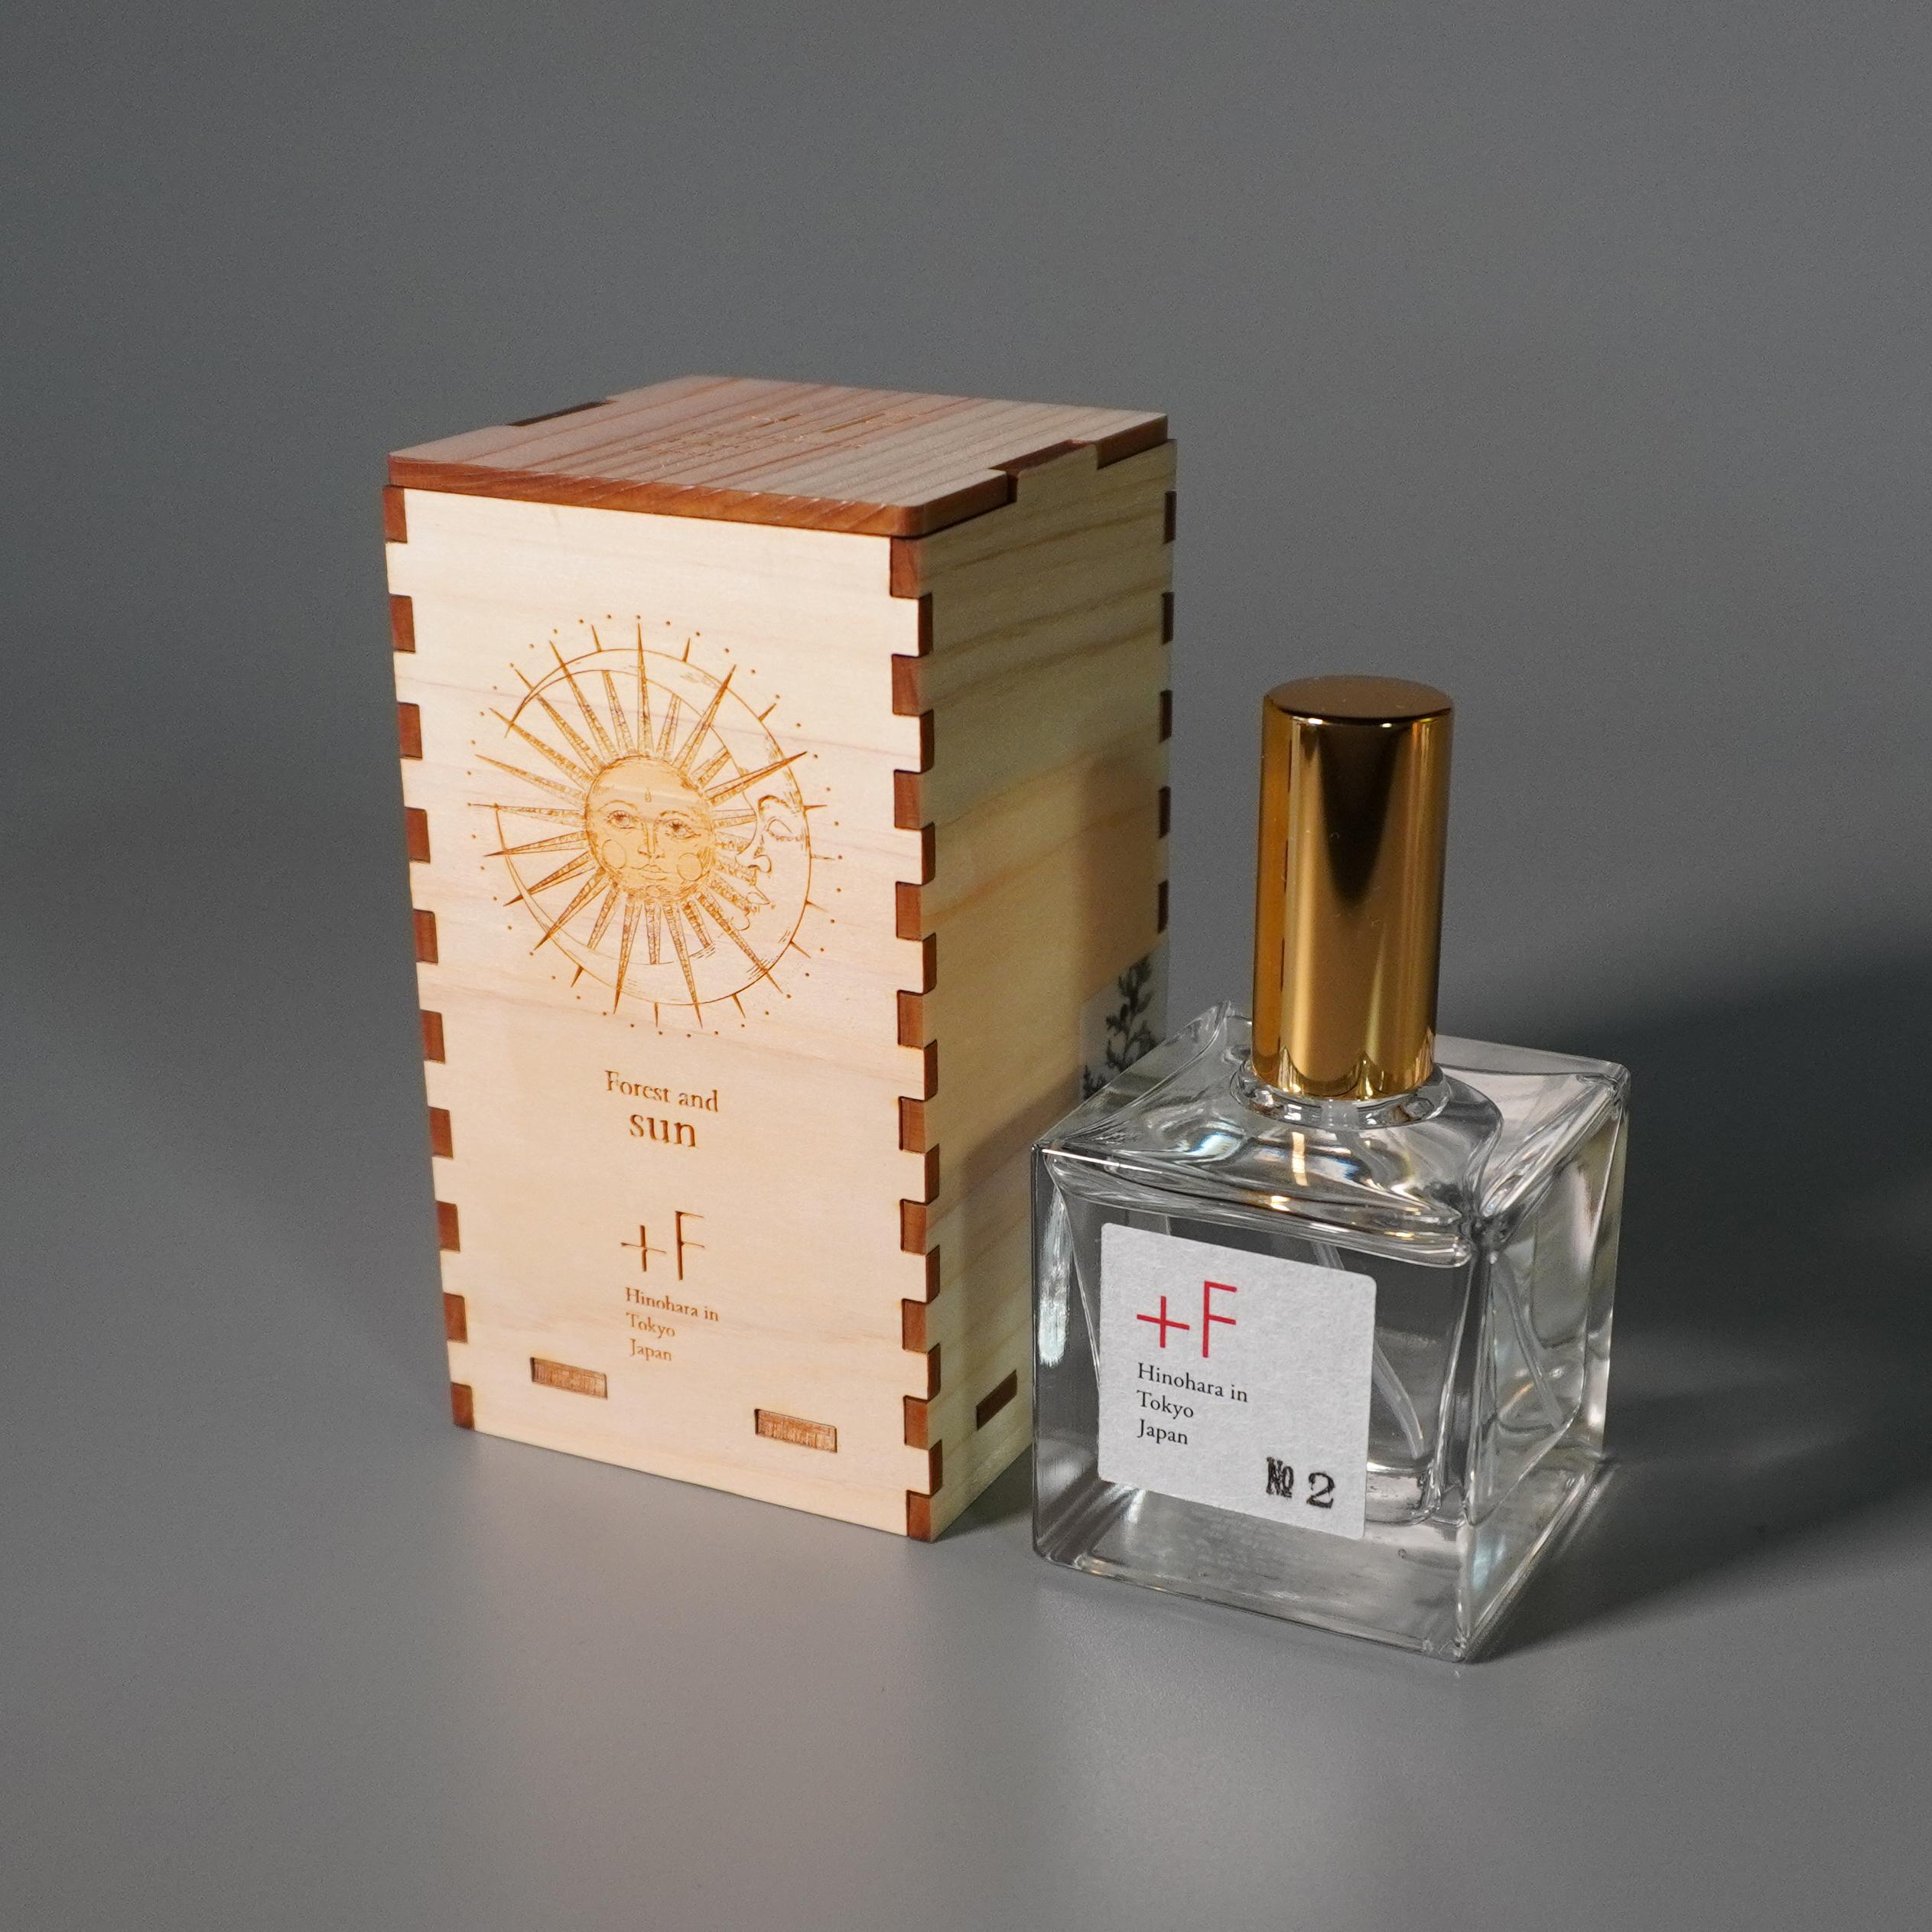 産直[+F]〈1年熟成 香水〉sun[No.2](布袋・檜箱入り)※送料無料・プレゼント付